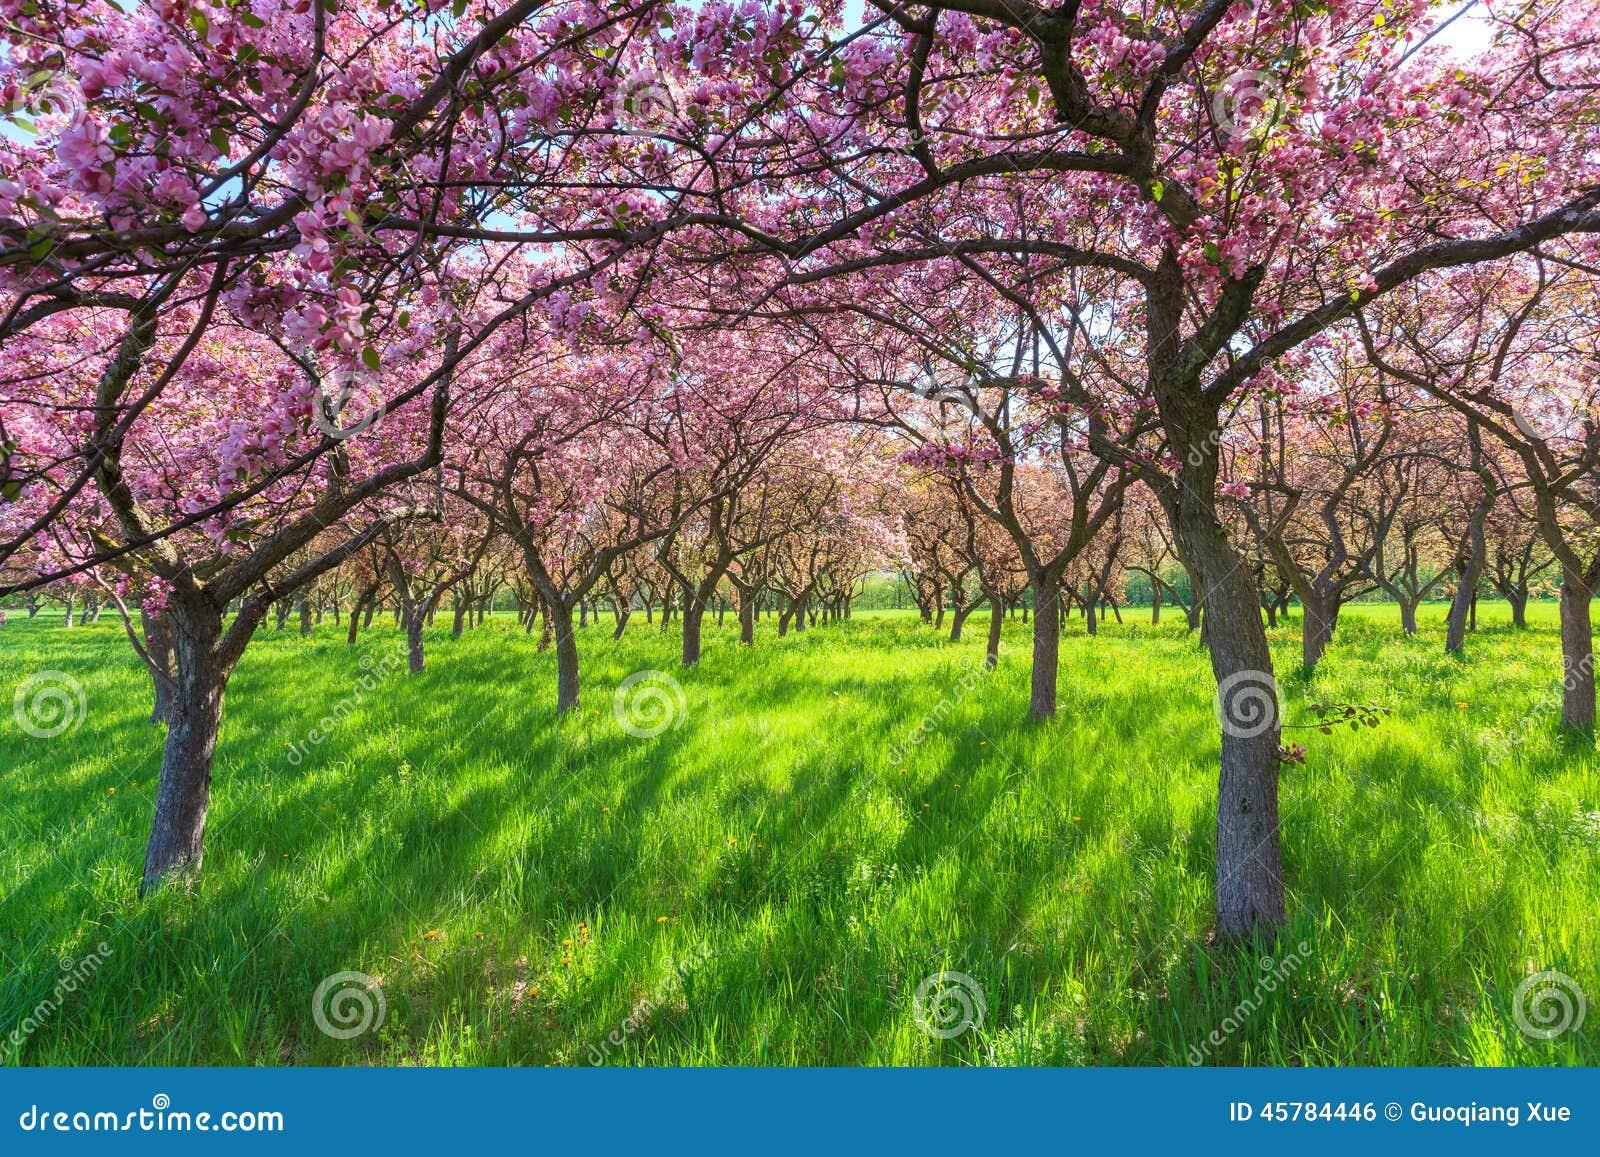 park spring blossom - photo #10